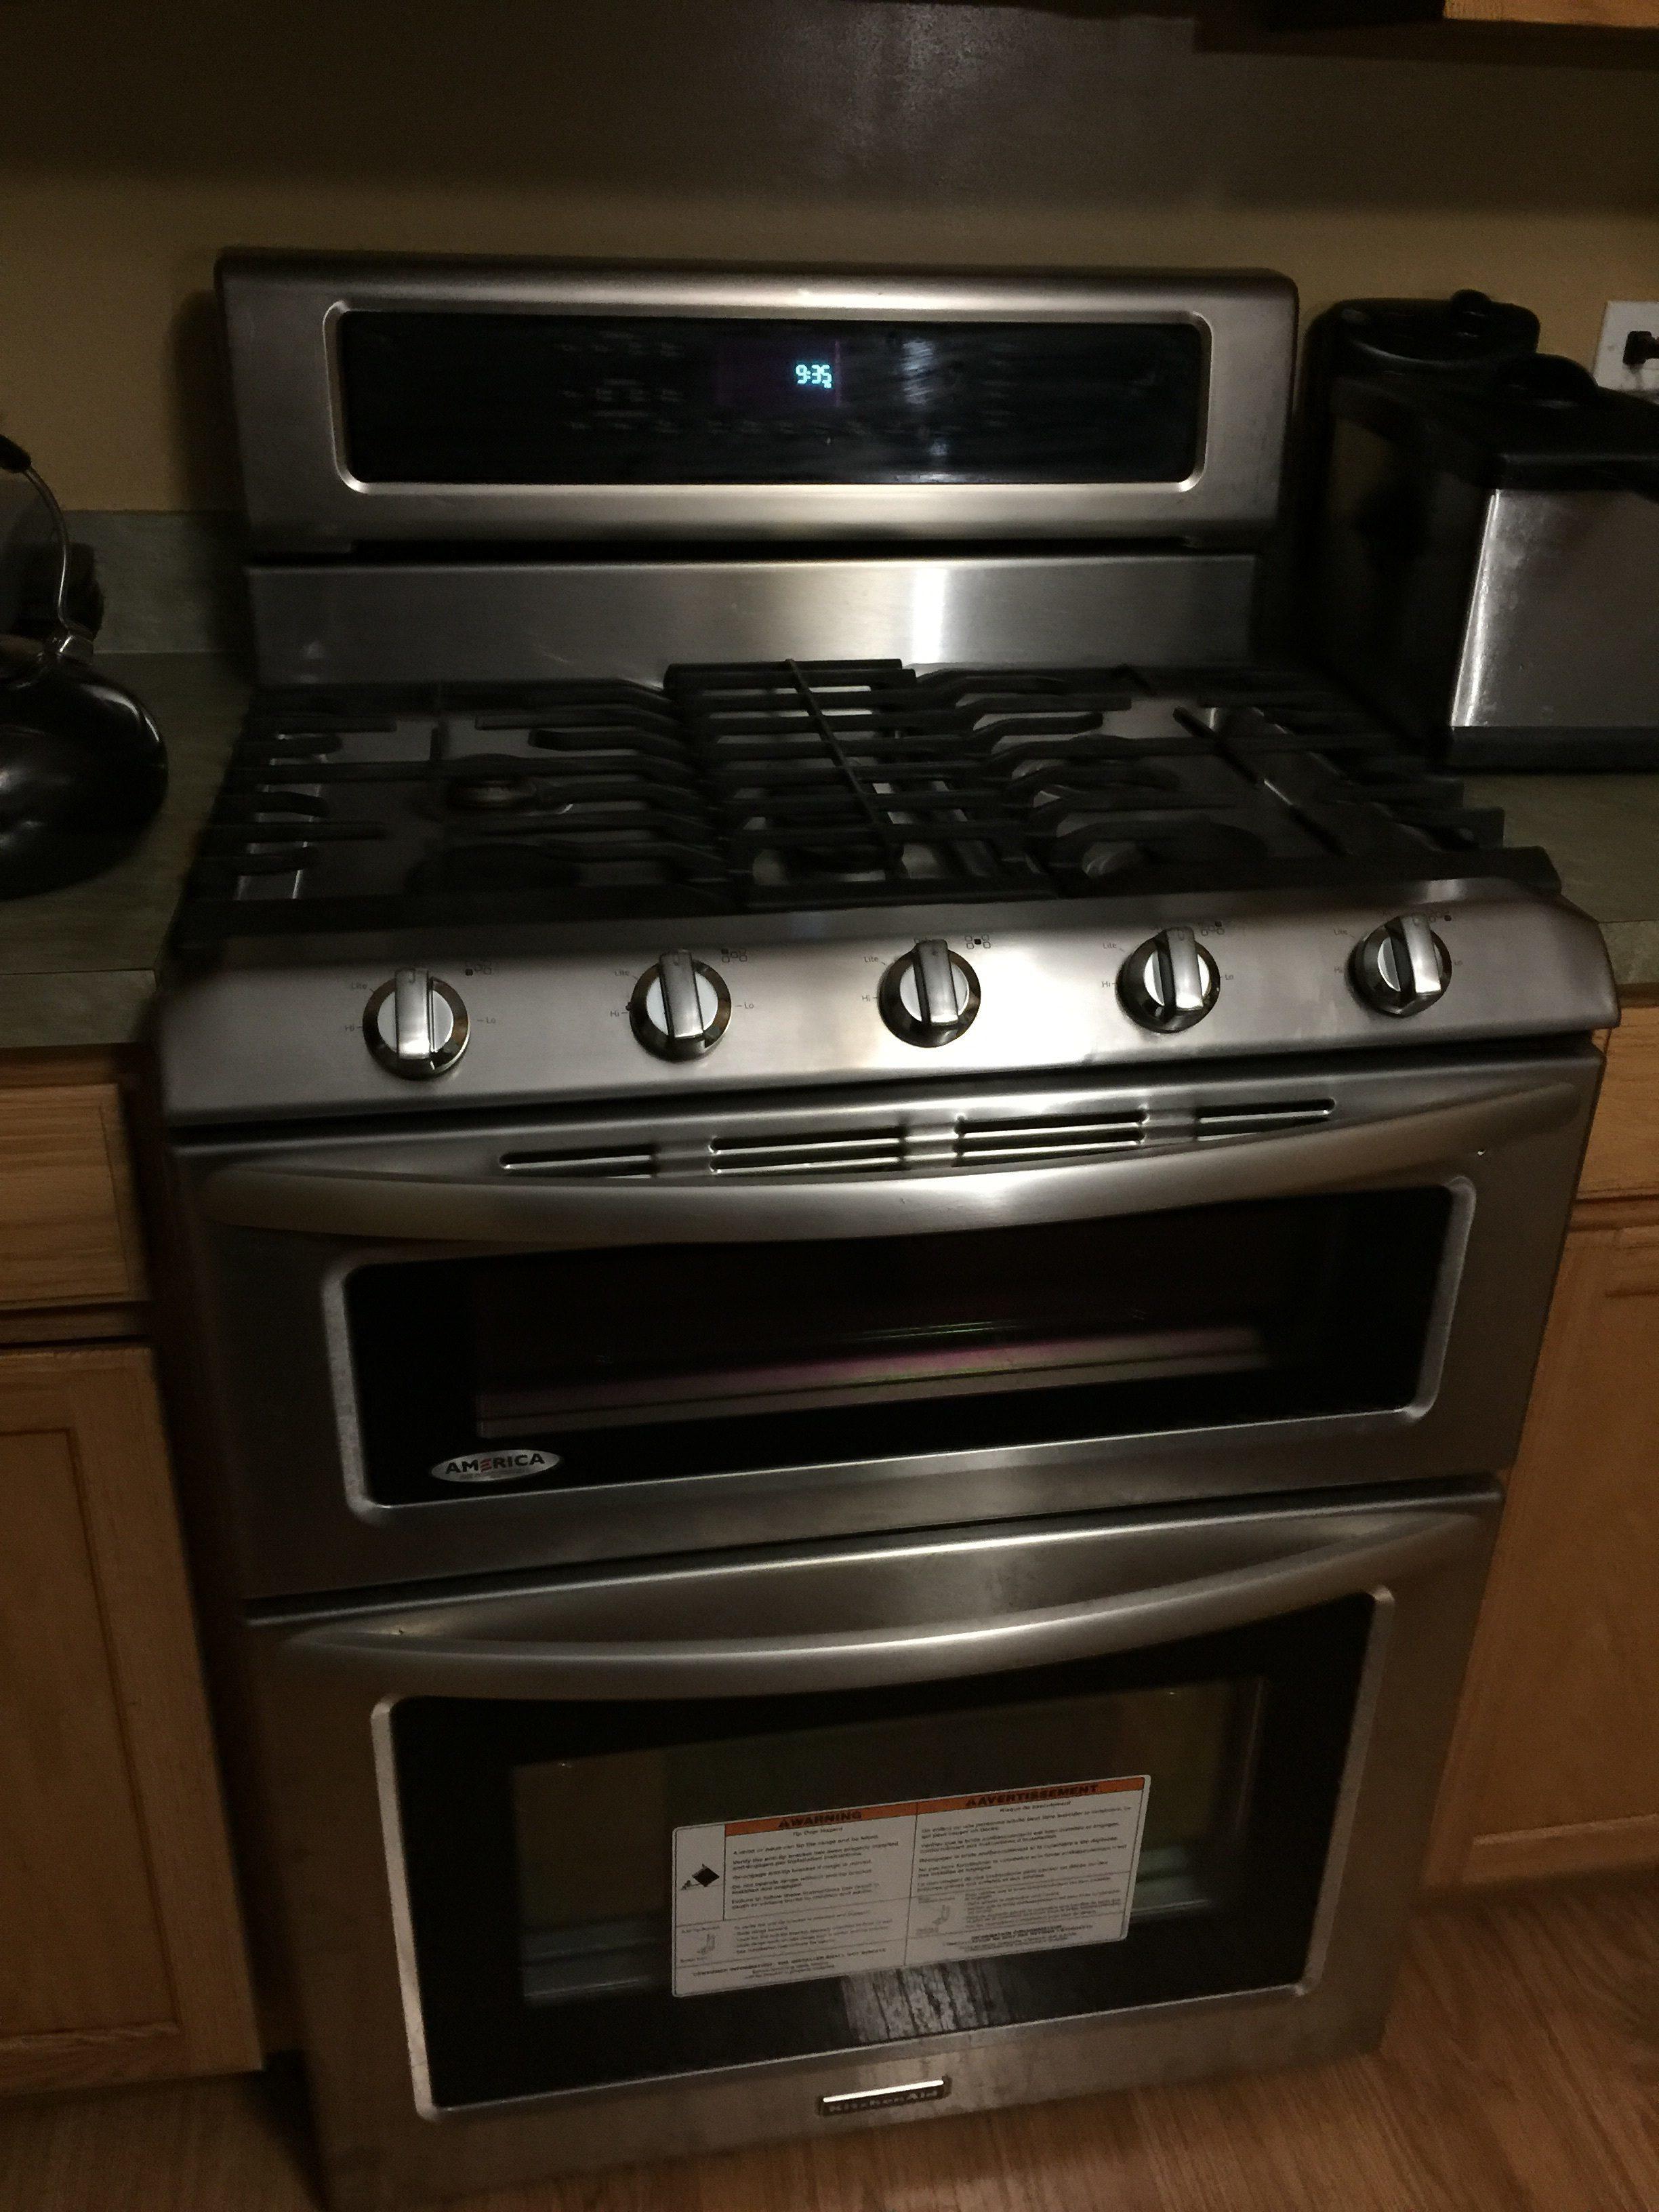 Kitchenaid Double Oven Temperature Probe Barginer